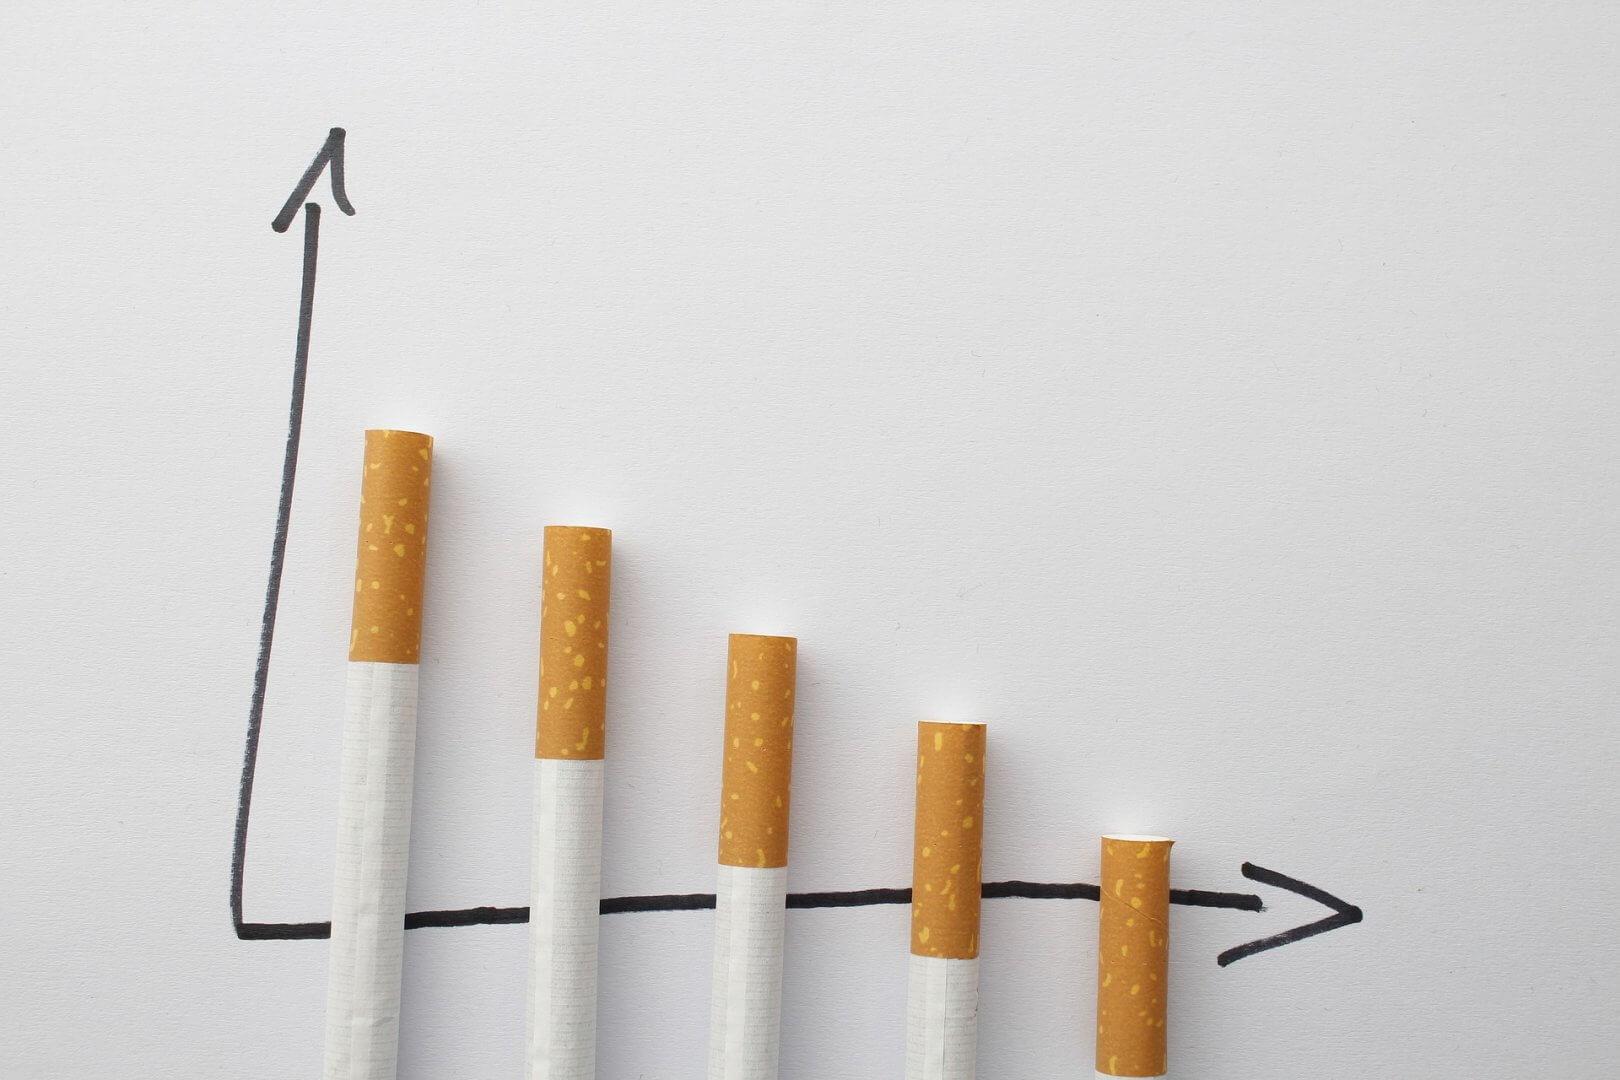 Zigaretten als Säulen in einer Statistik